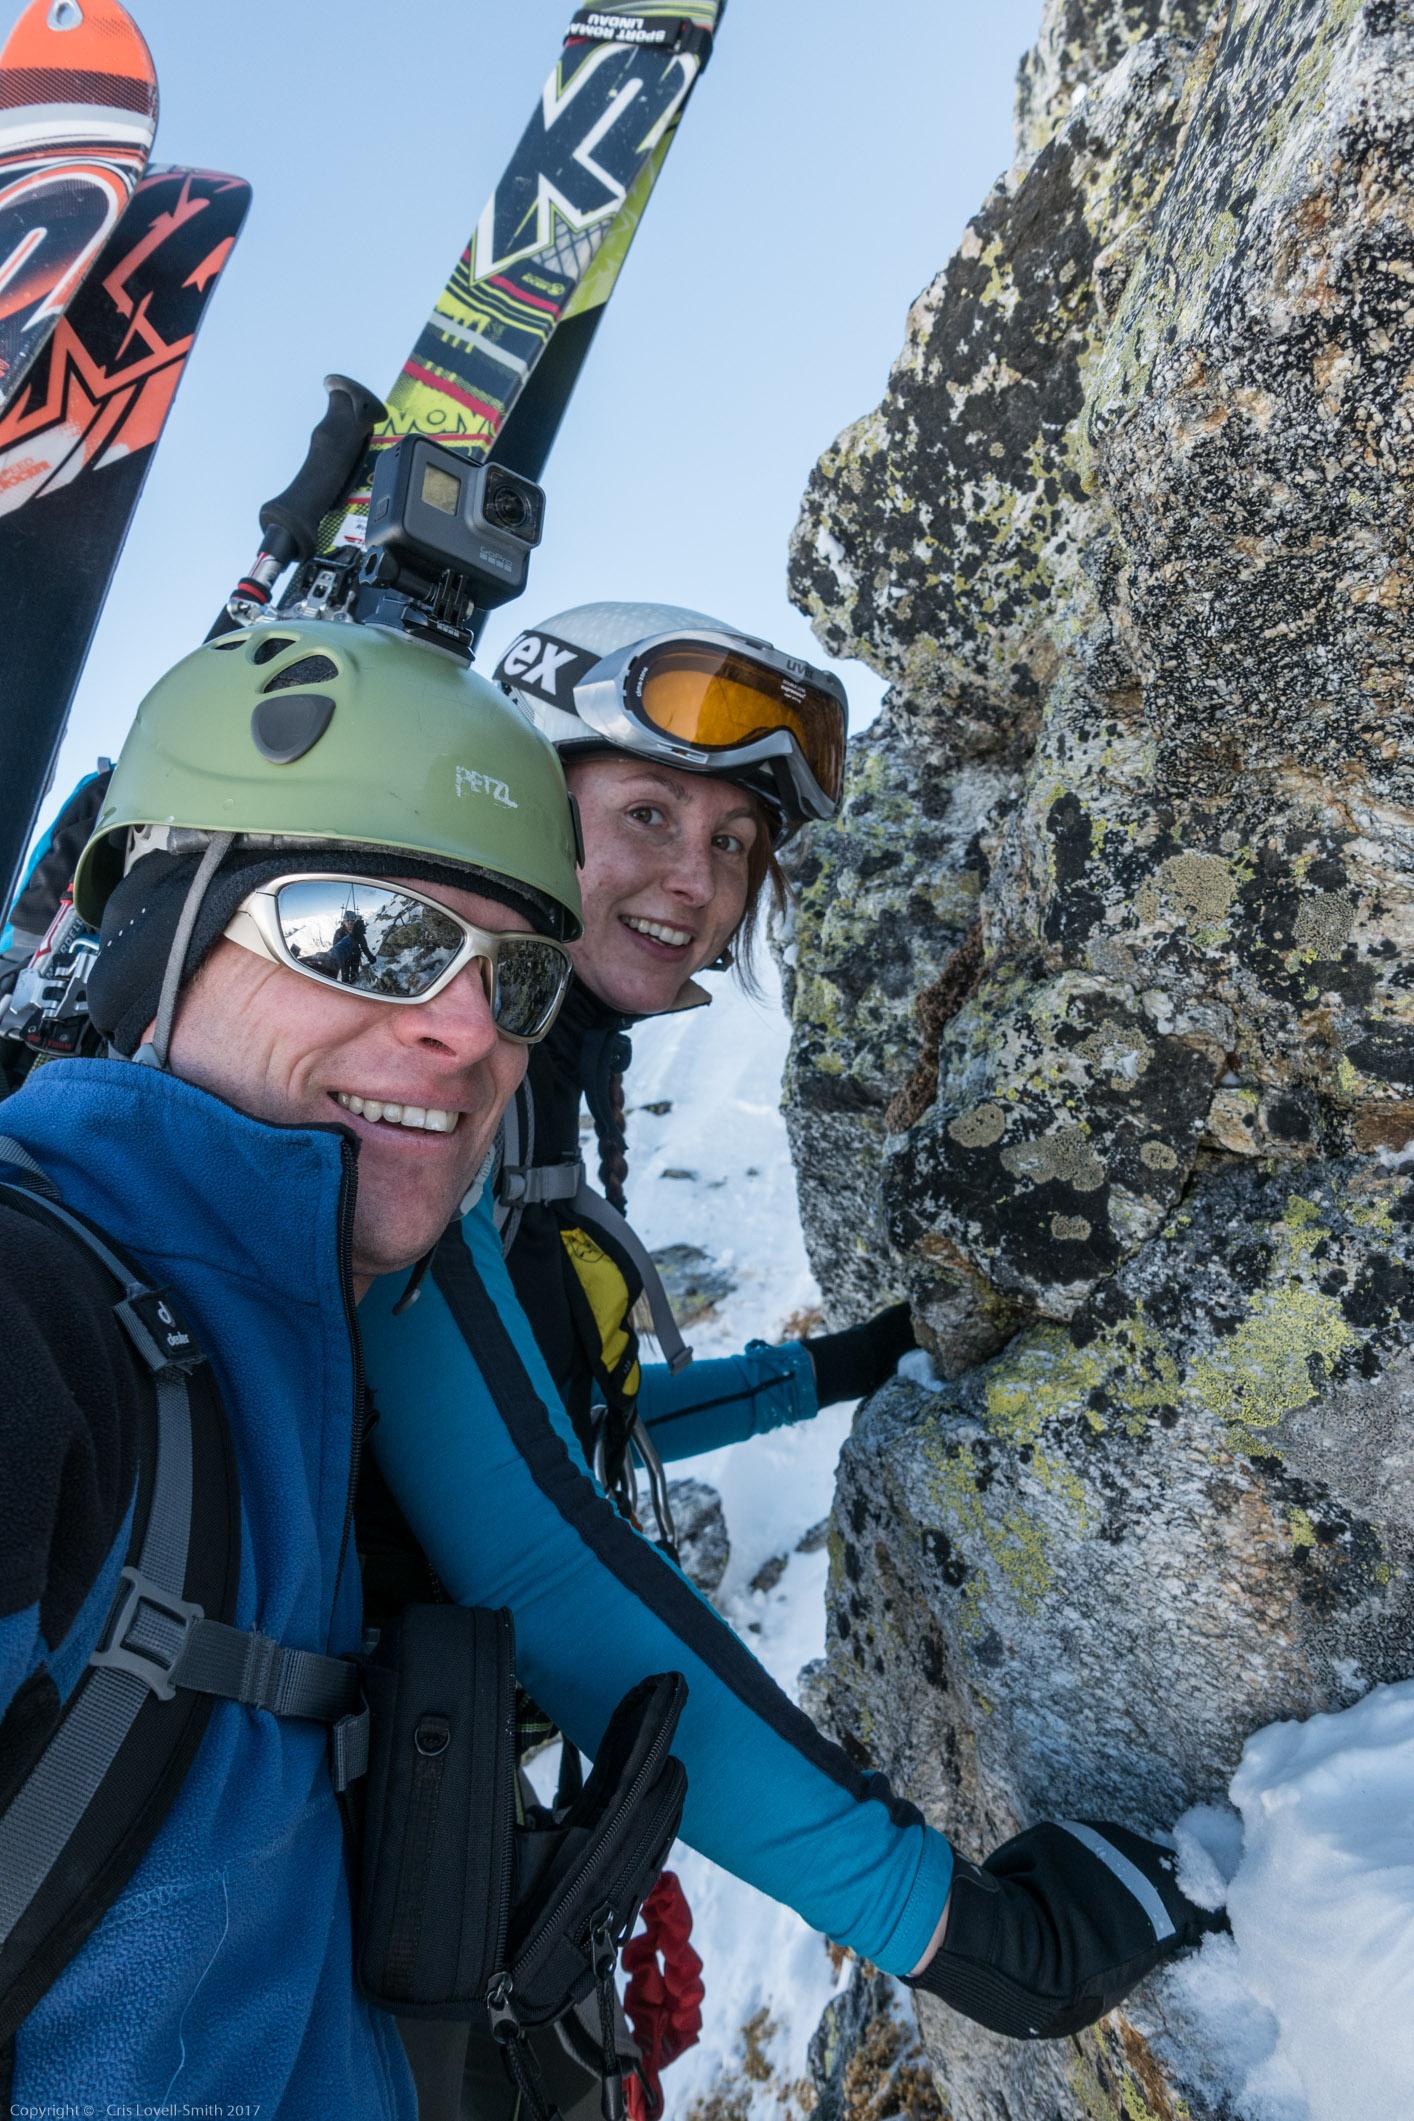 Leonie and Cris (Arlberger Winterklettersteig March 2017)